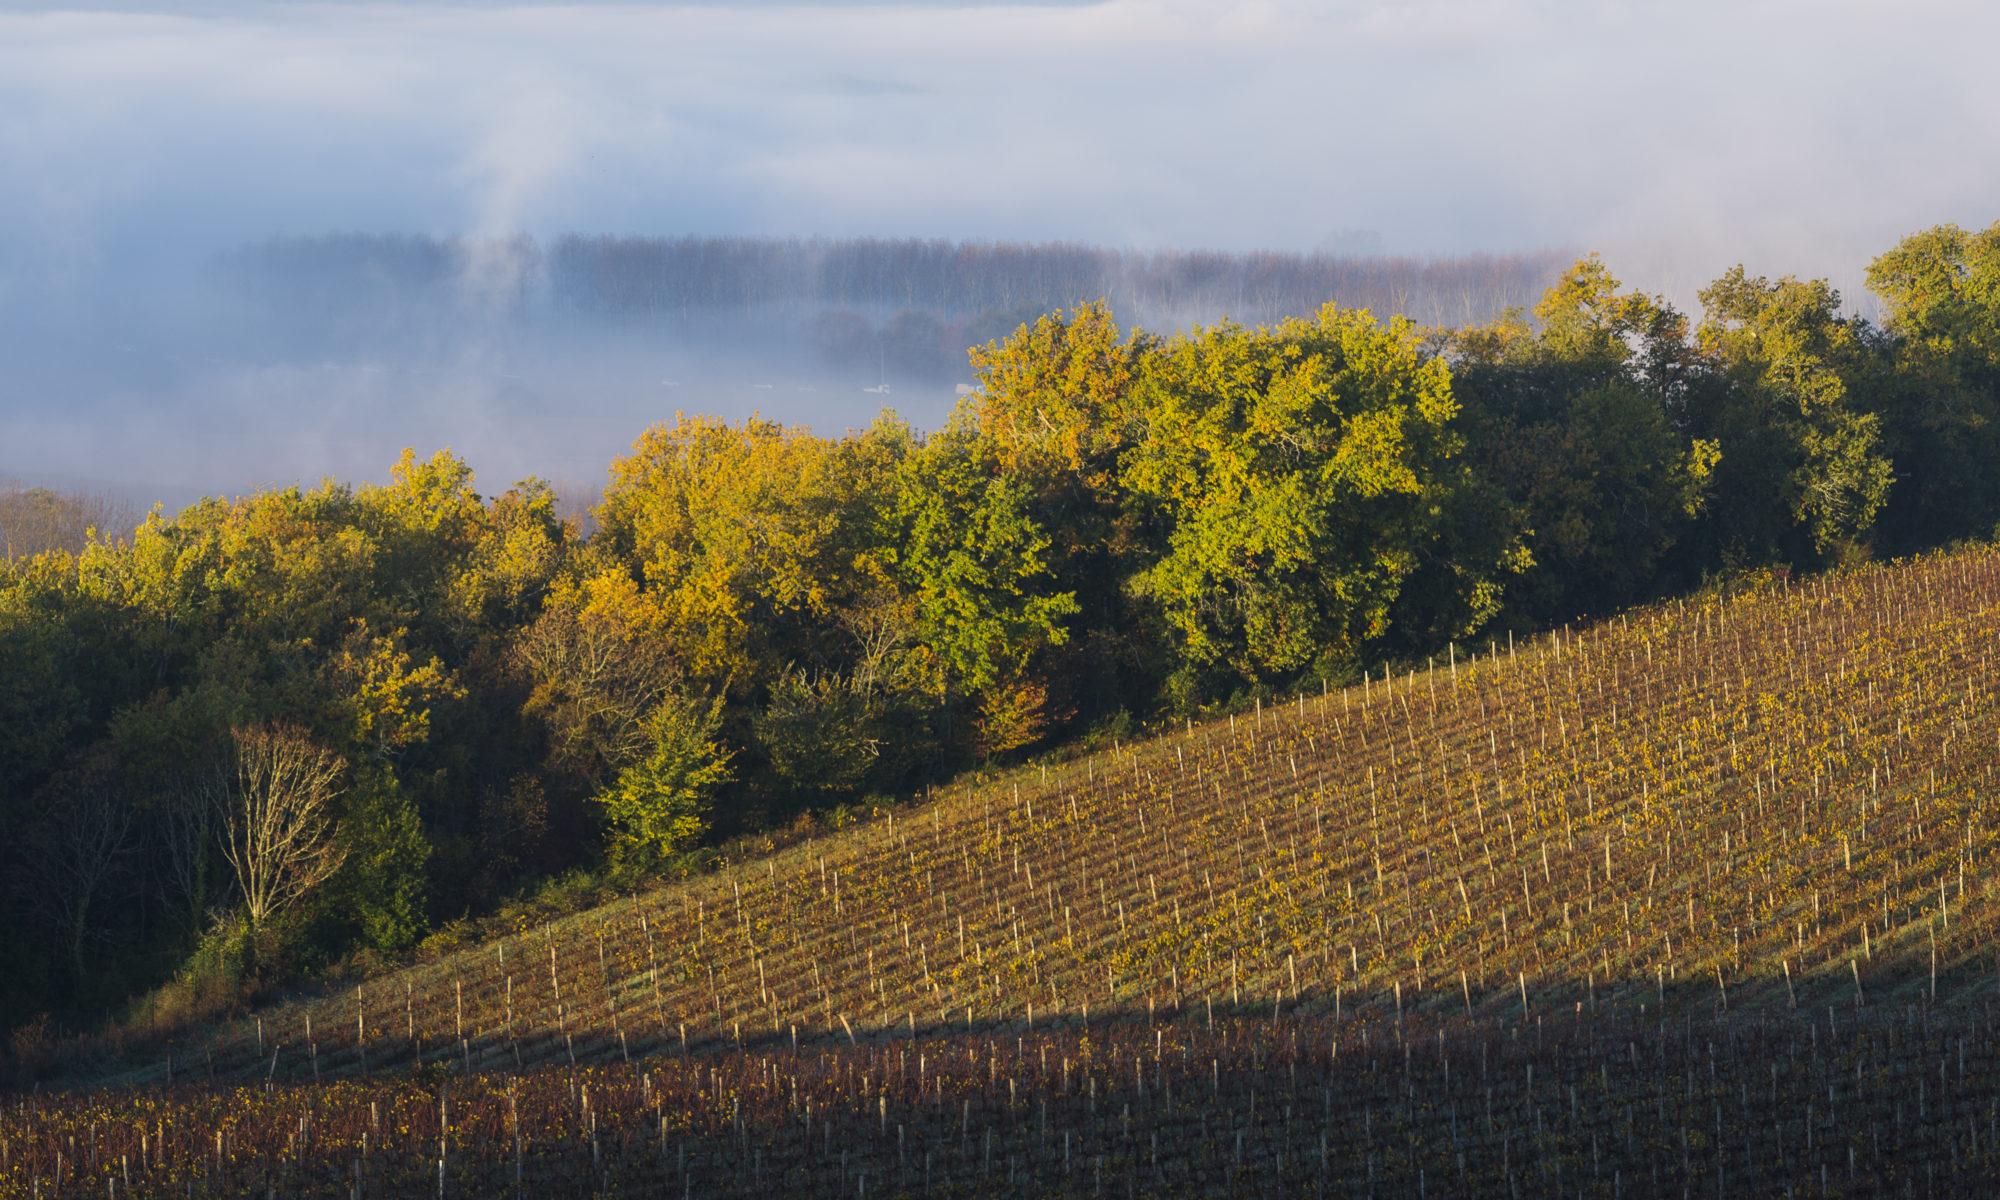 Vignes à Langoiran dans le brouillard matinal